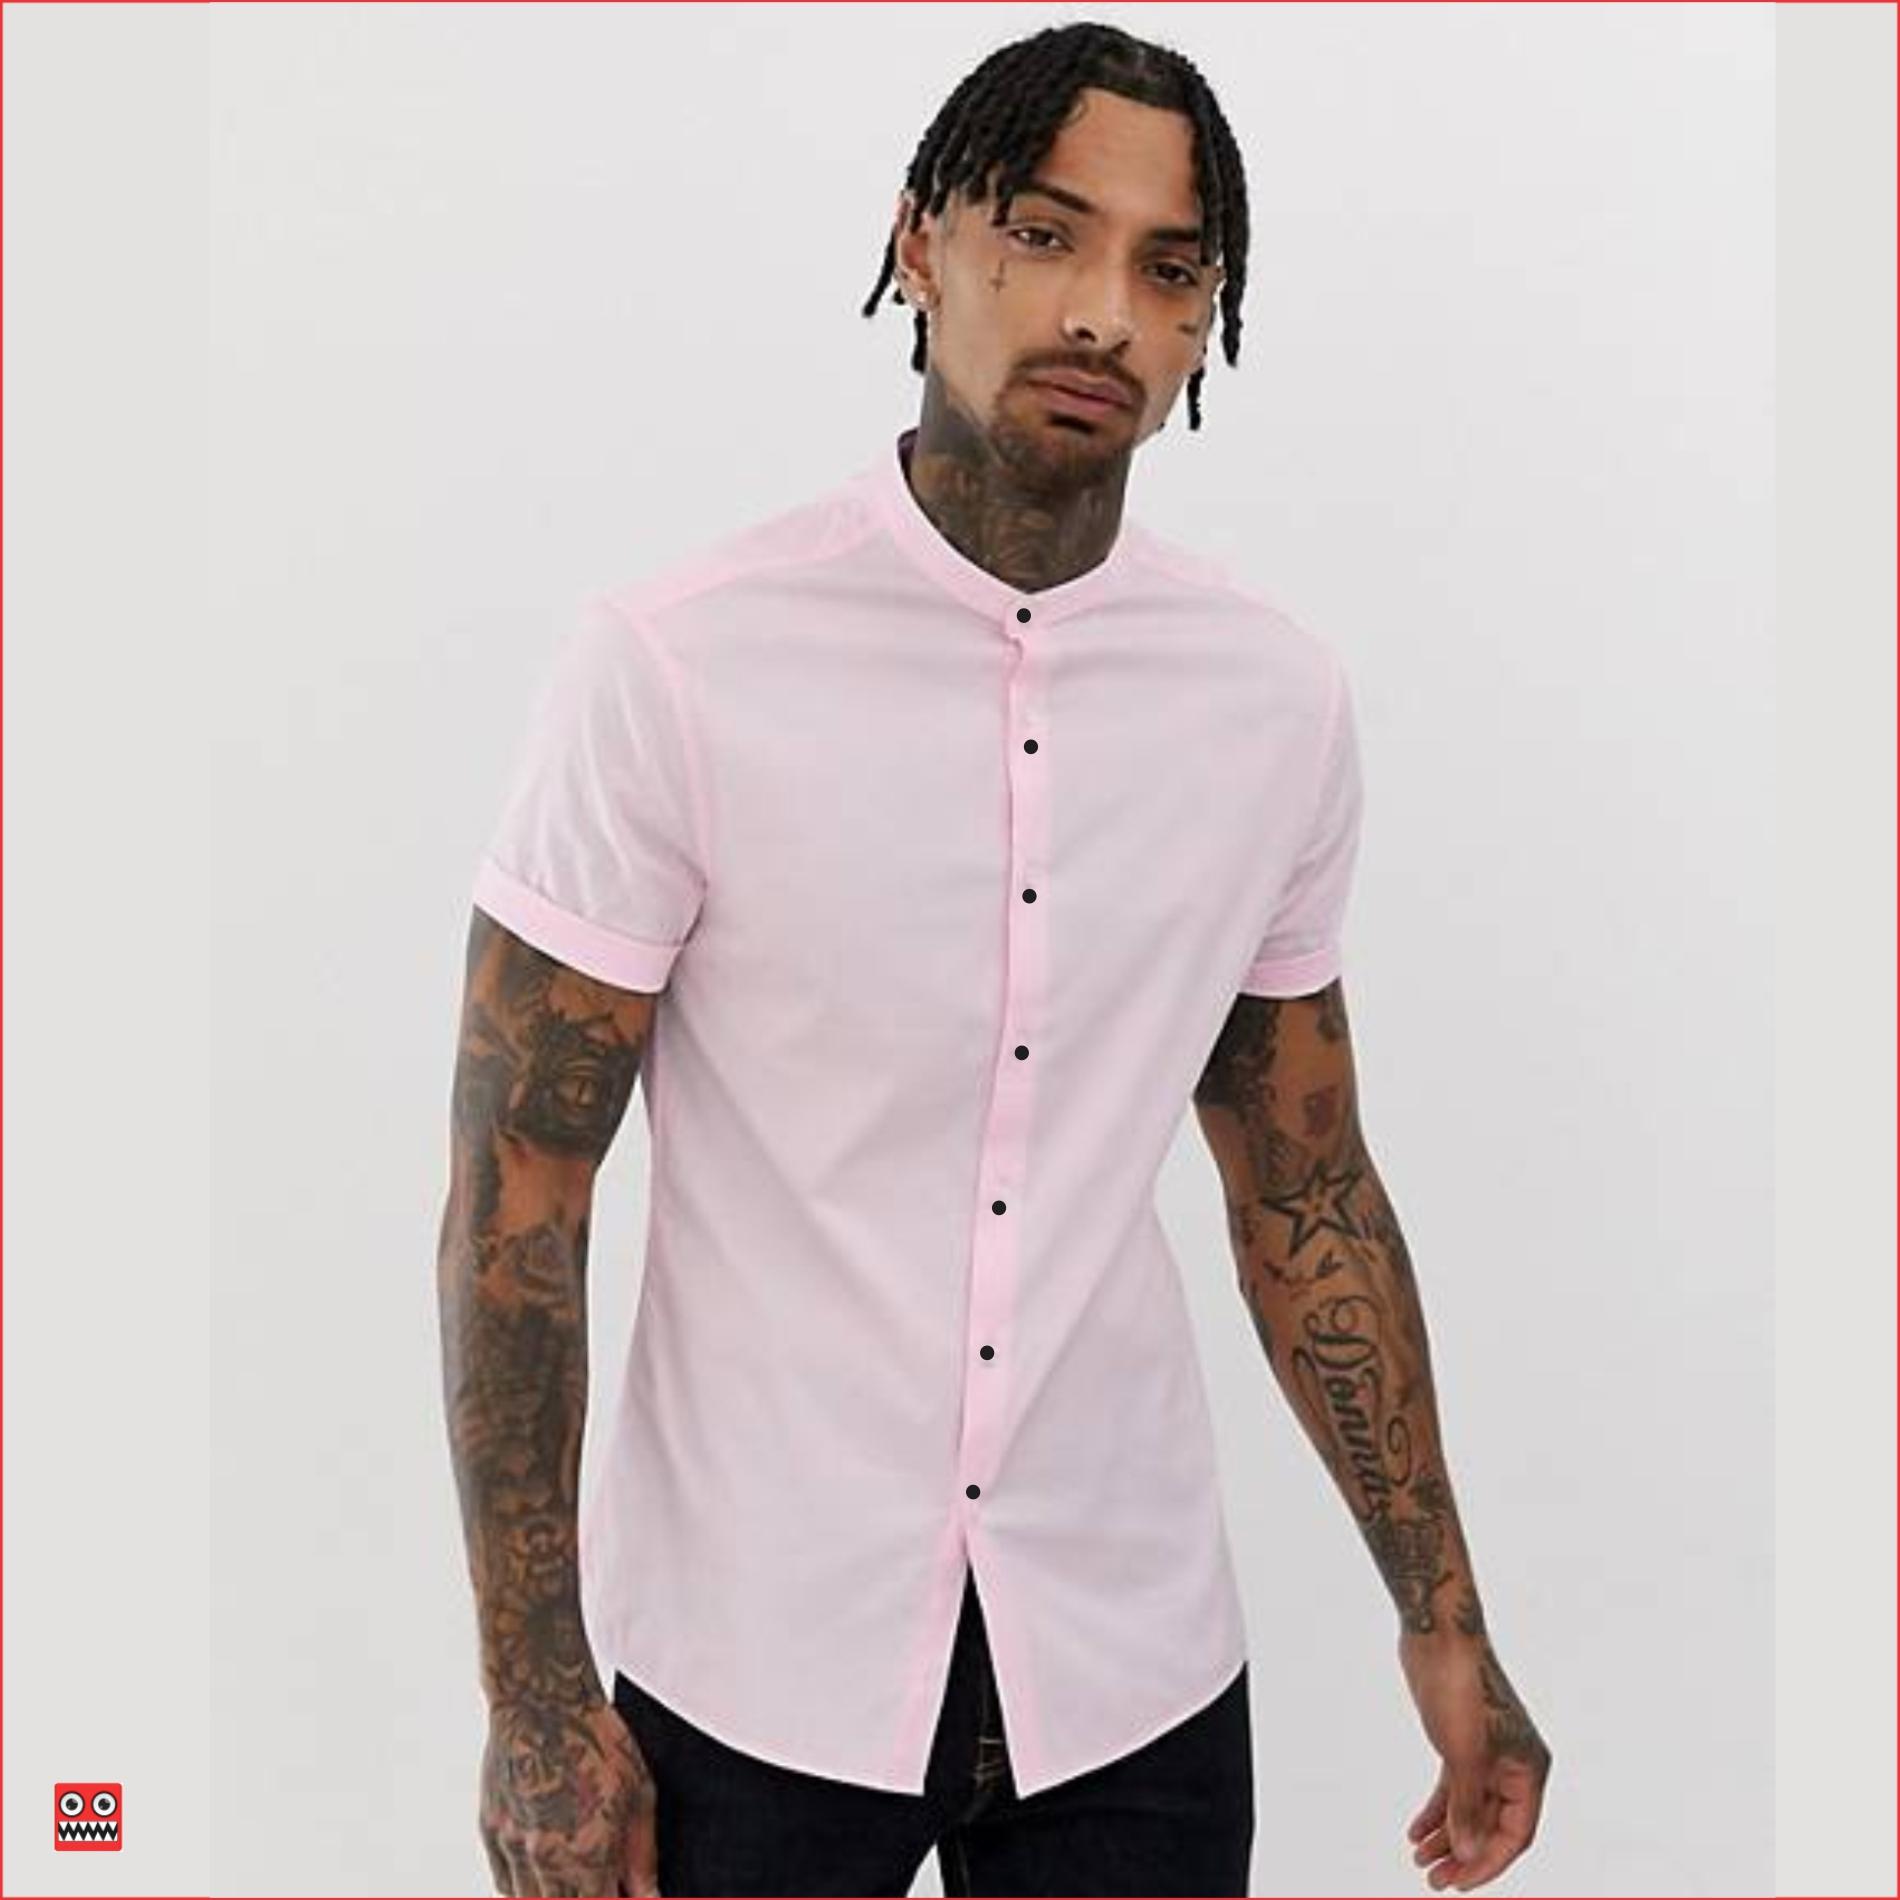 camisa mc ref 1388 rosado, tela en algodón 98% mas 2% expande. tallas S-M-L-XL.